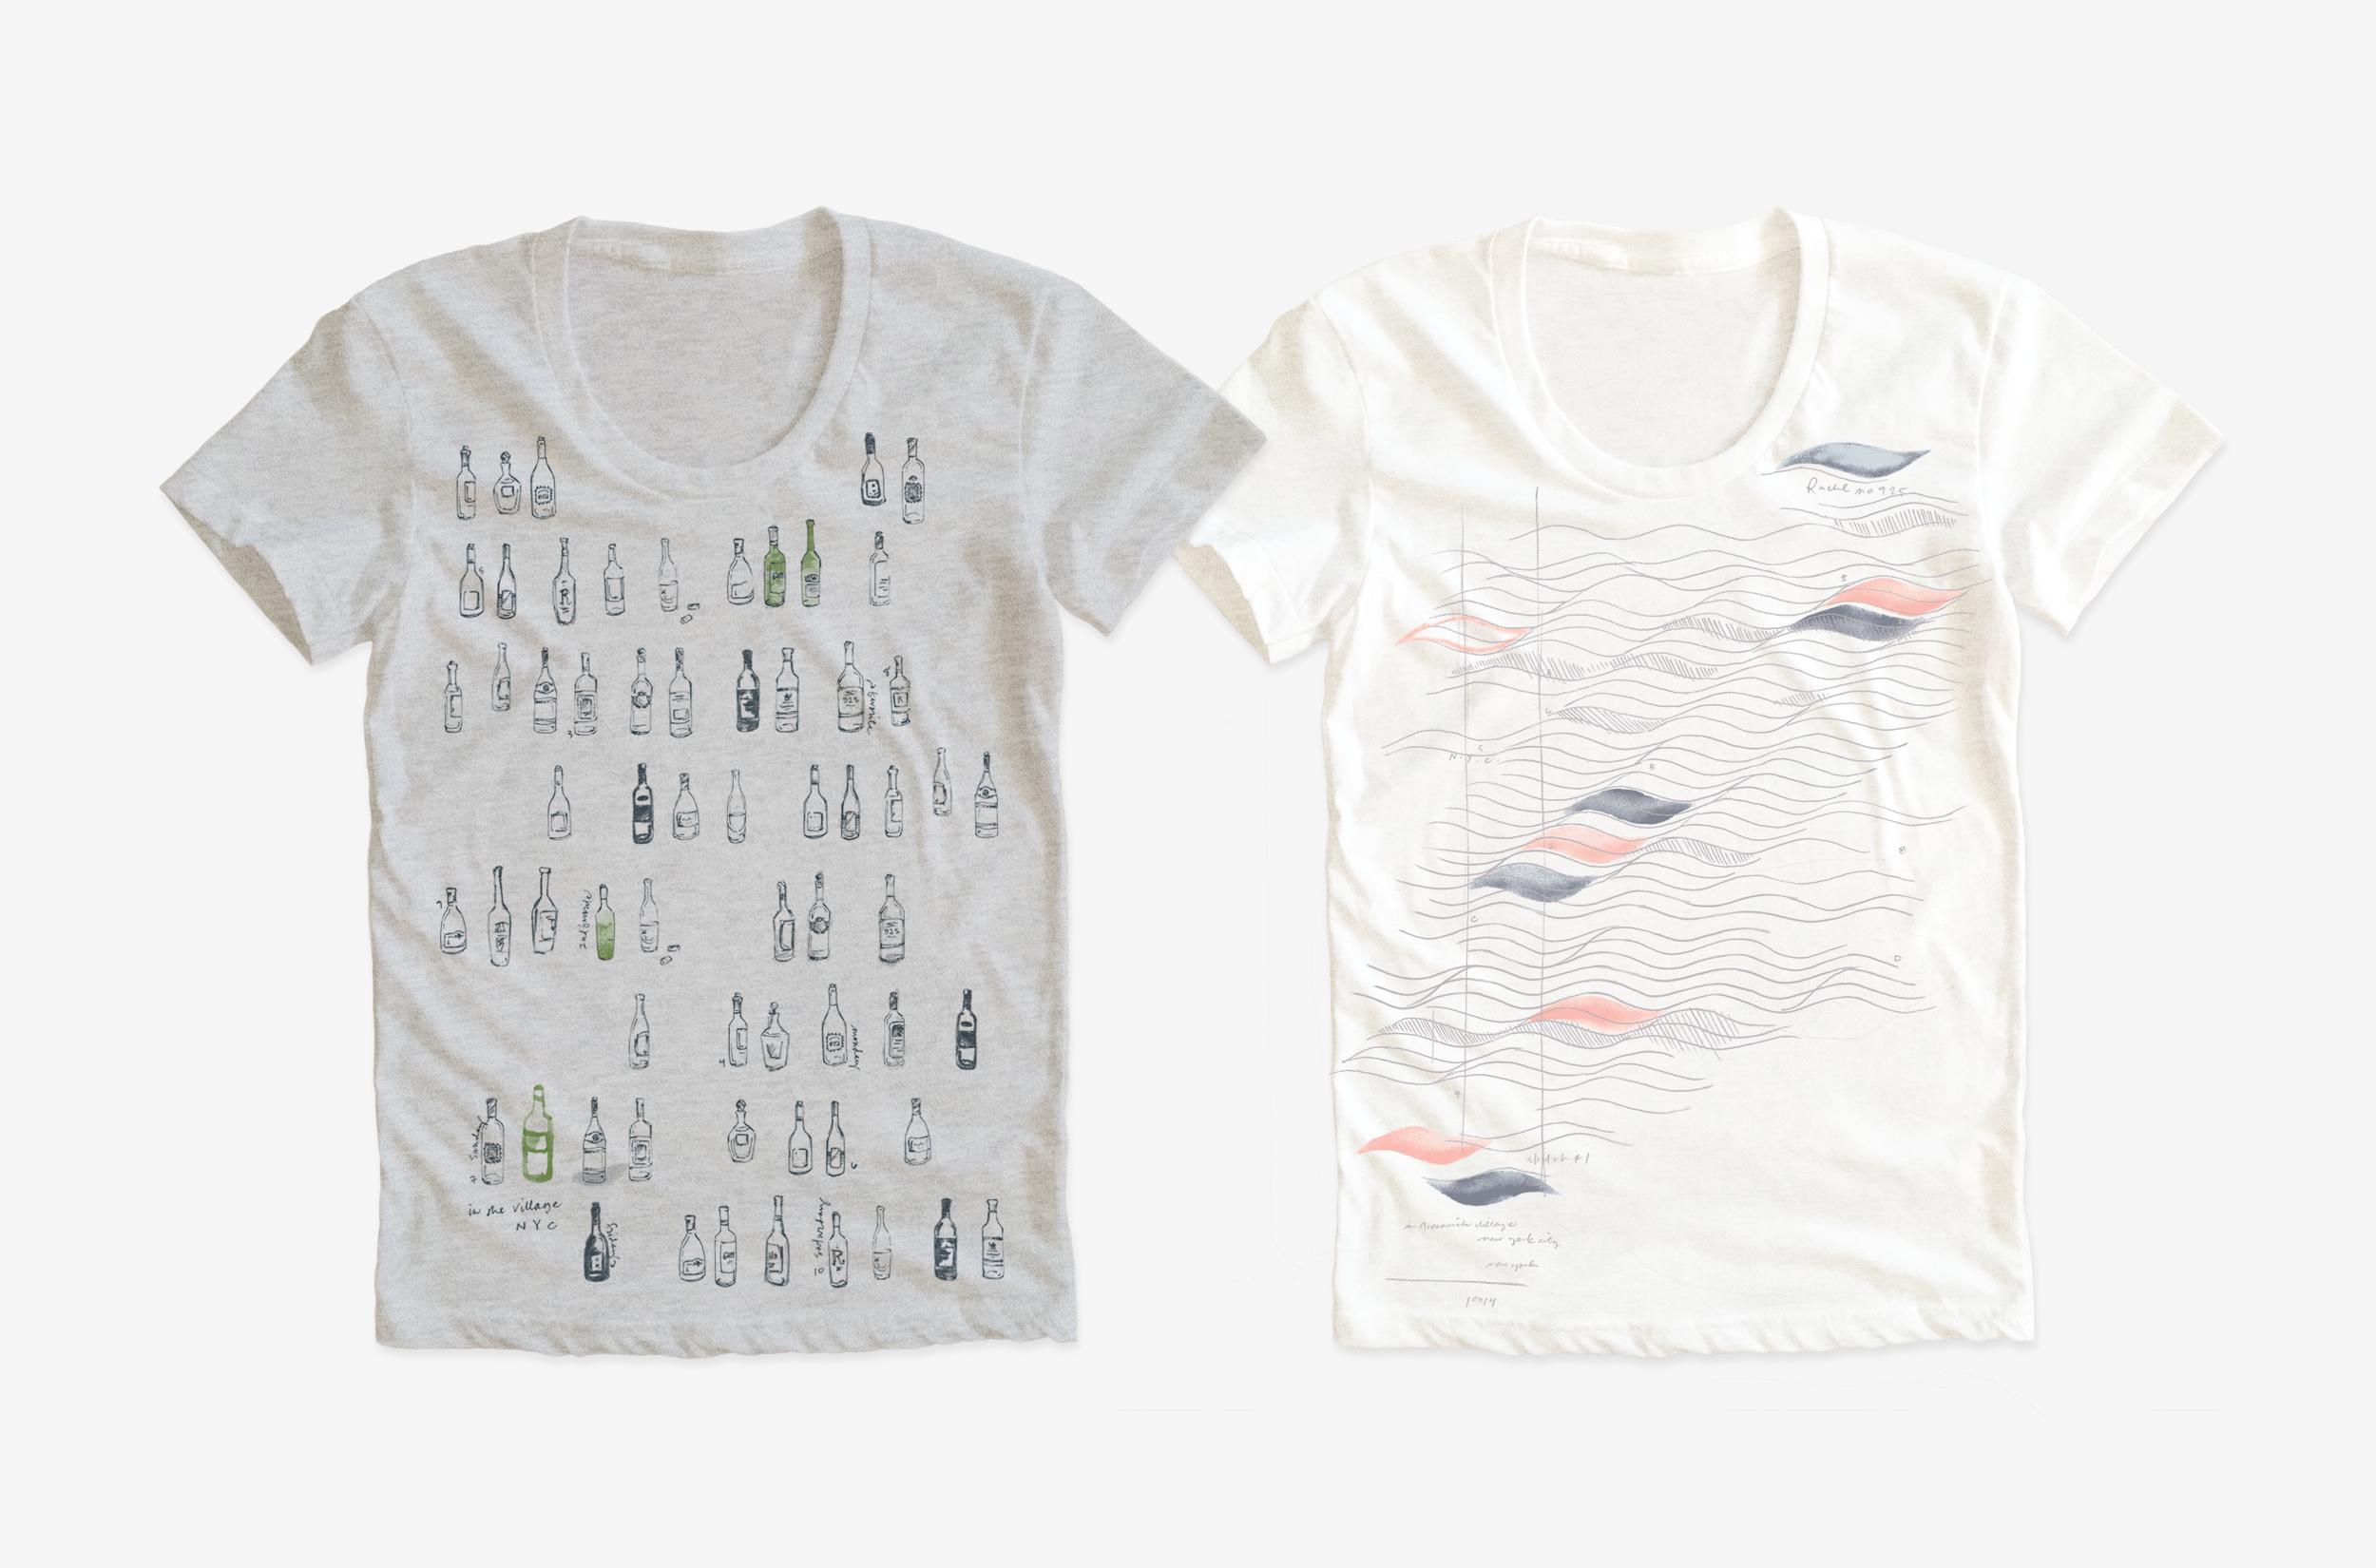 RUEHL NO. 925 / Womens t-shirt graphics